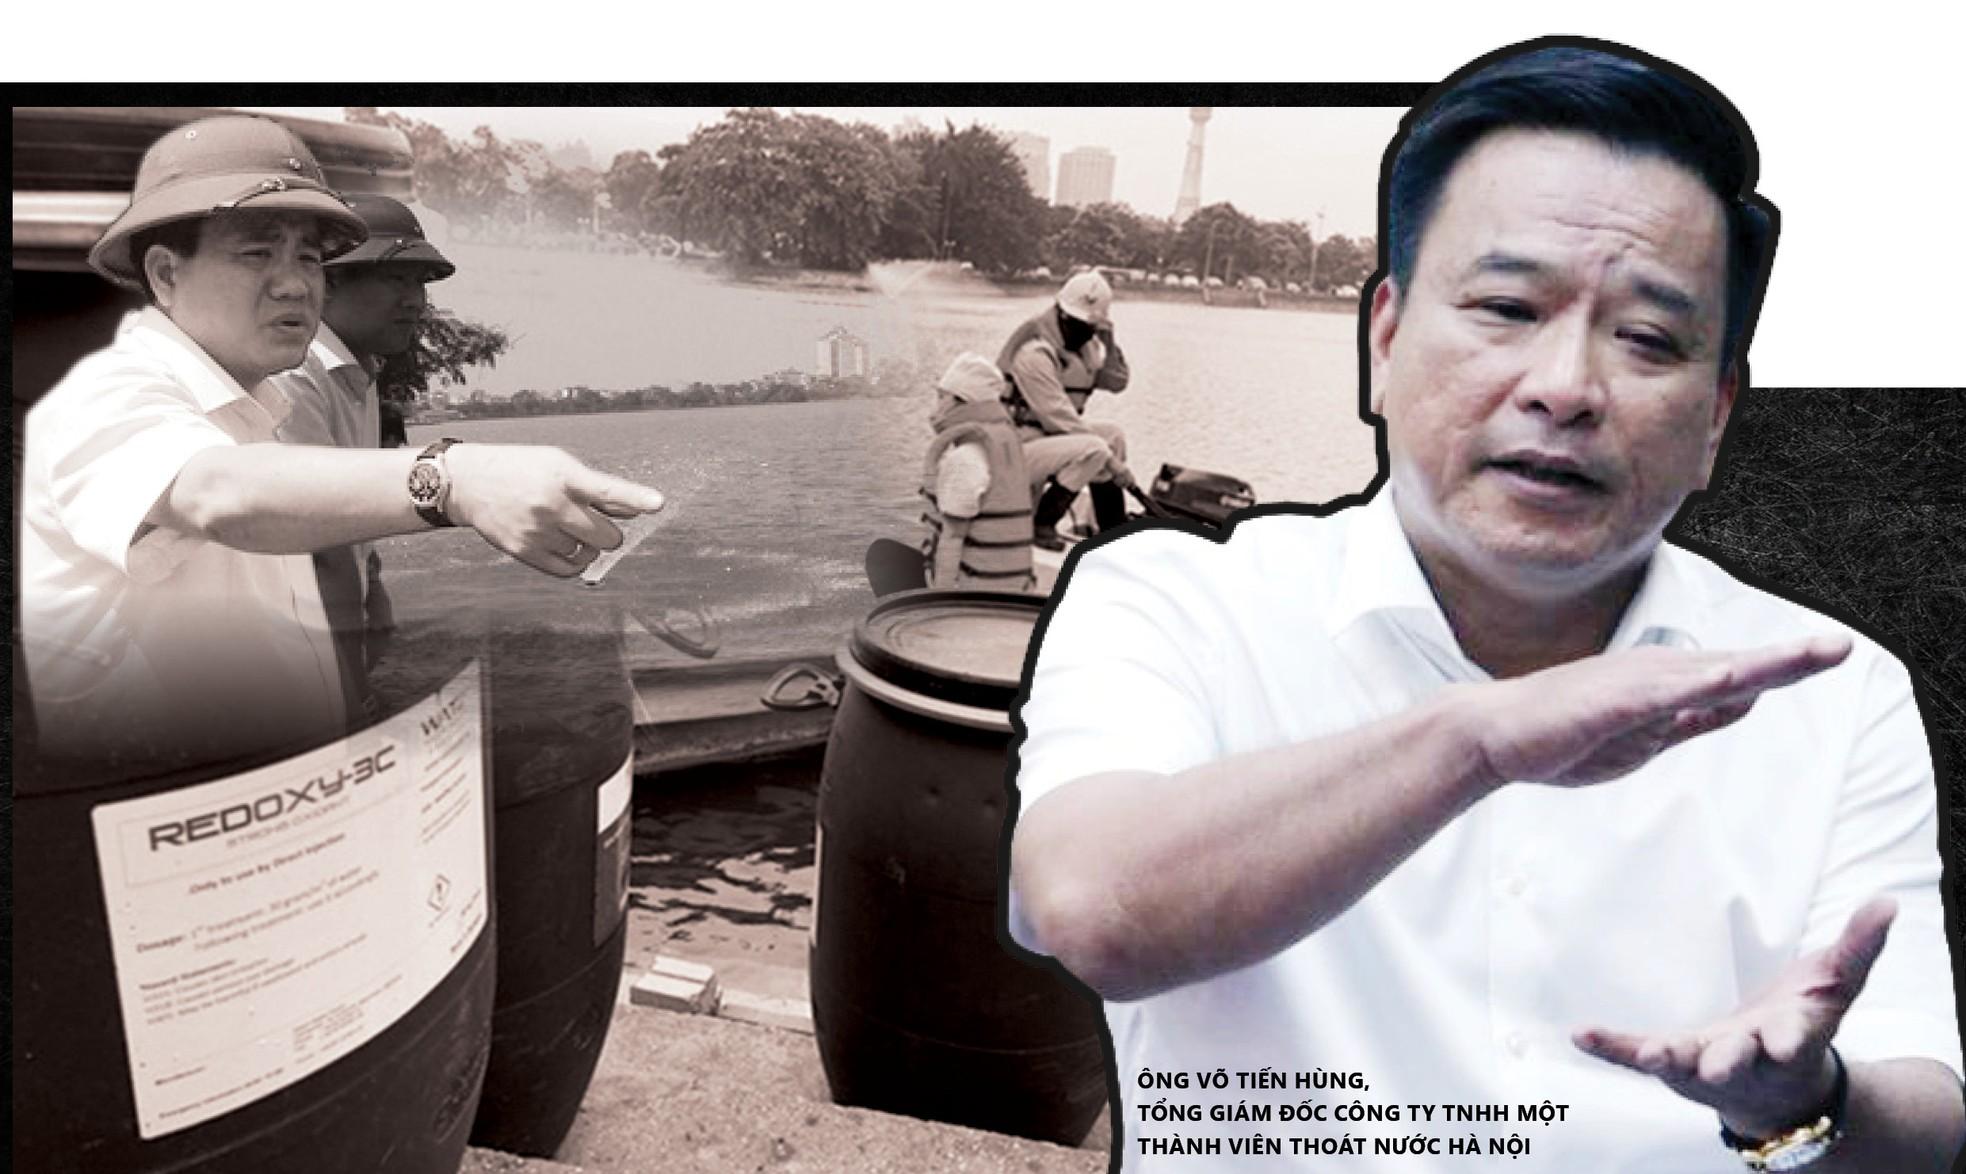 Cựu Chủ tịch Hà Nội Nguyễn Đức Chung giữ vai trò gì trong 2 vụ án? ảnh 7